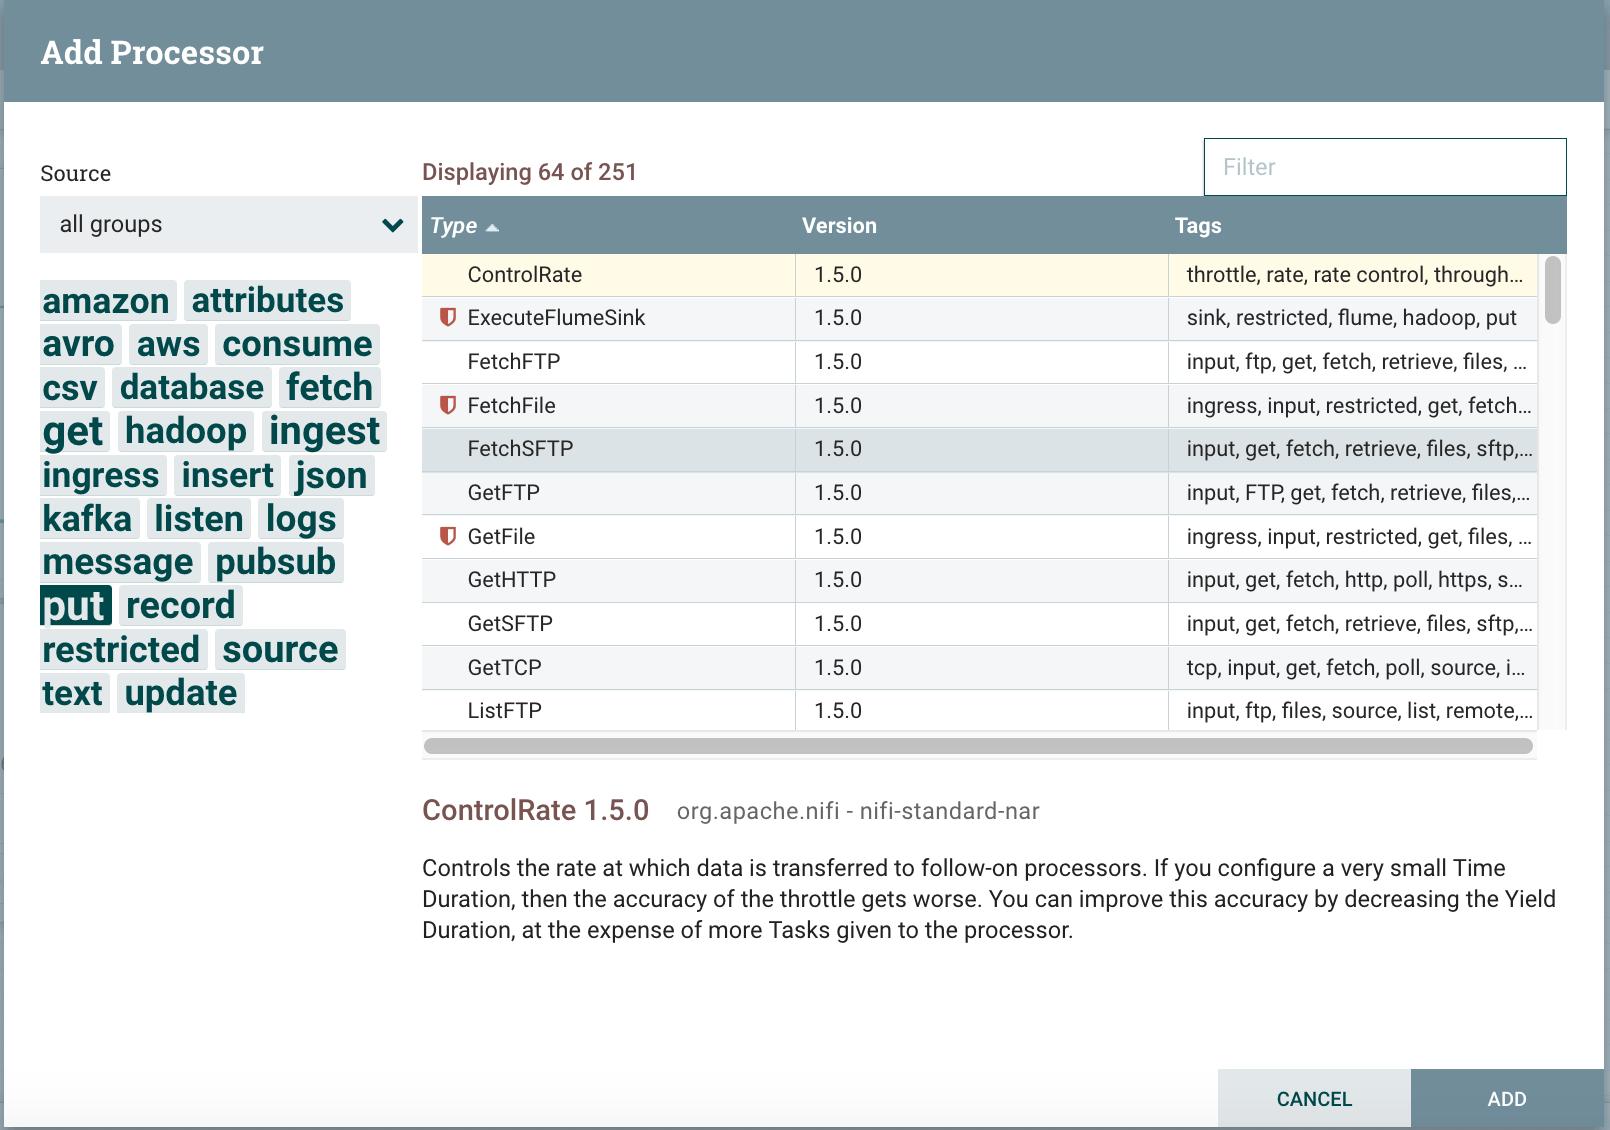 انواع پردازشگر های قابل استفاده در تولید خط پردازش داده